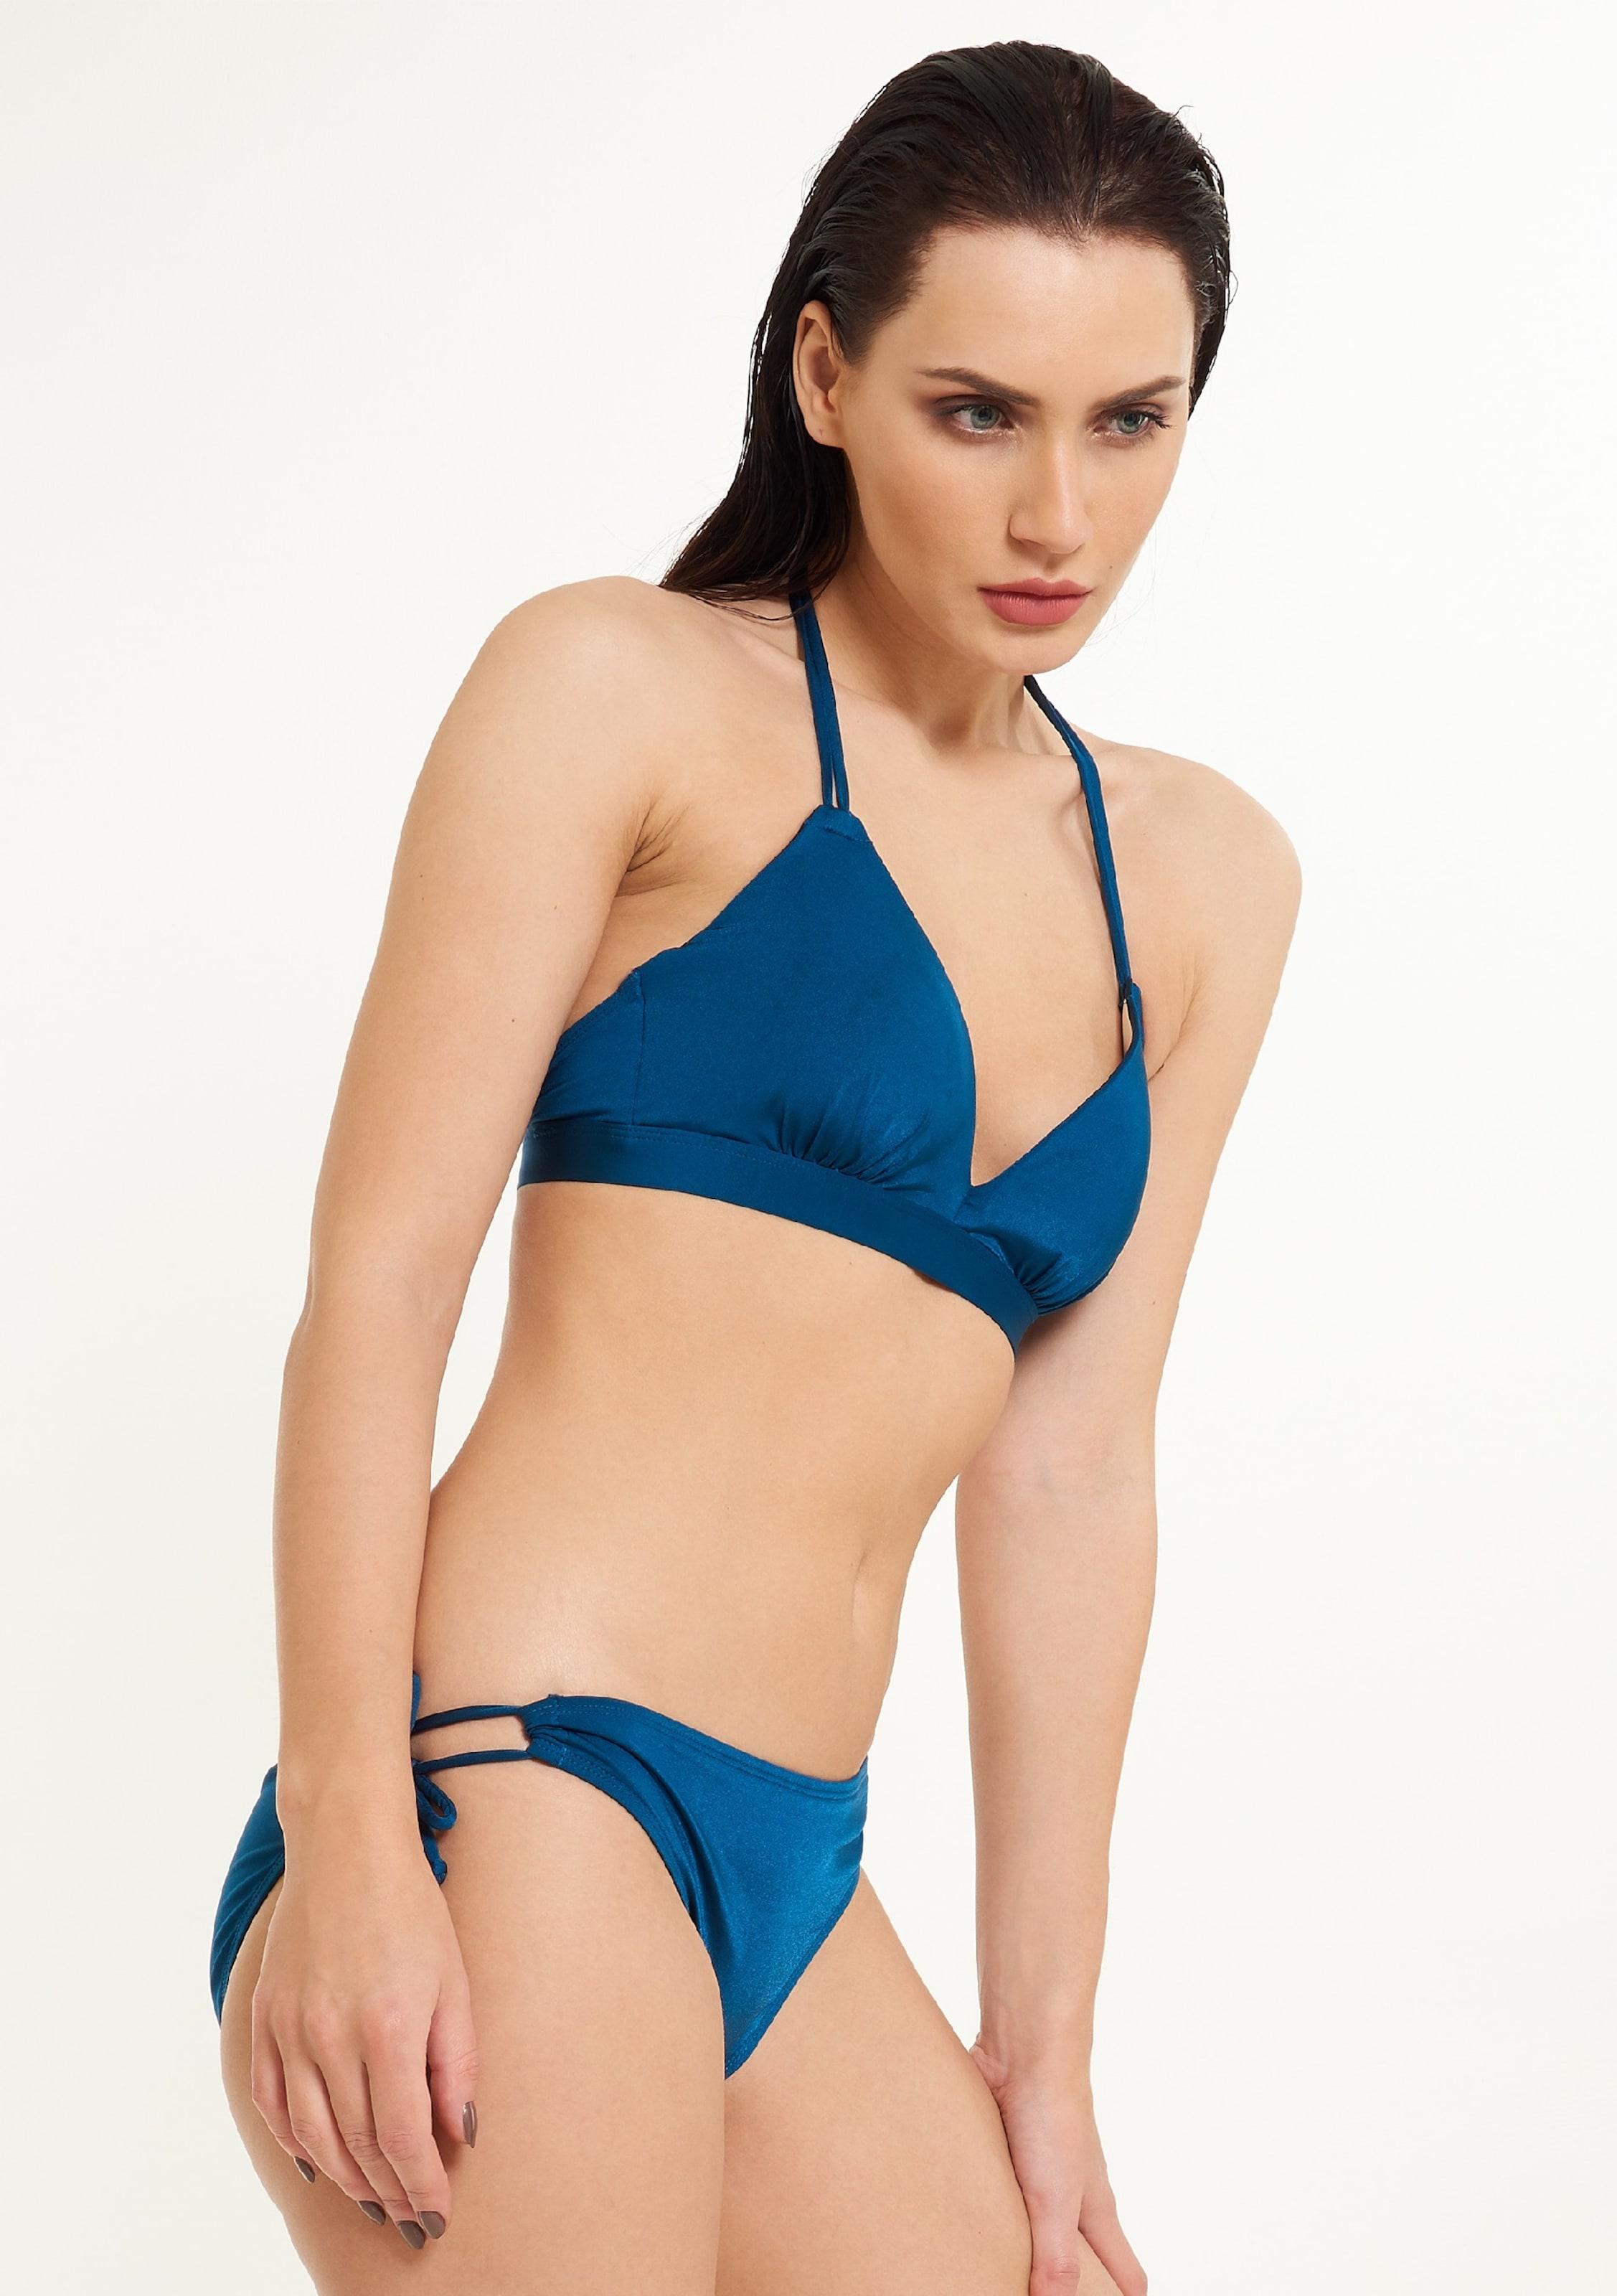 Lingadore Bleu Bas Bikini Foncé 'dakota' En De bgvYy7If6